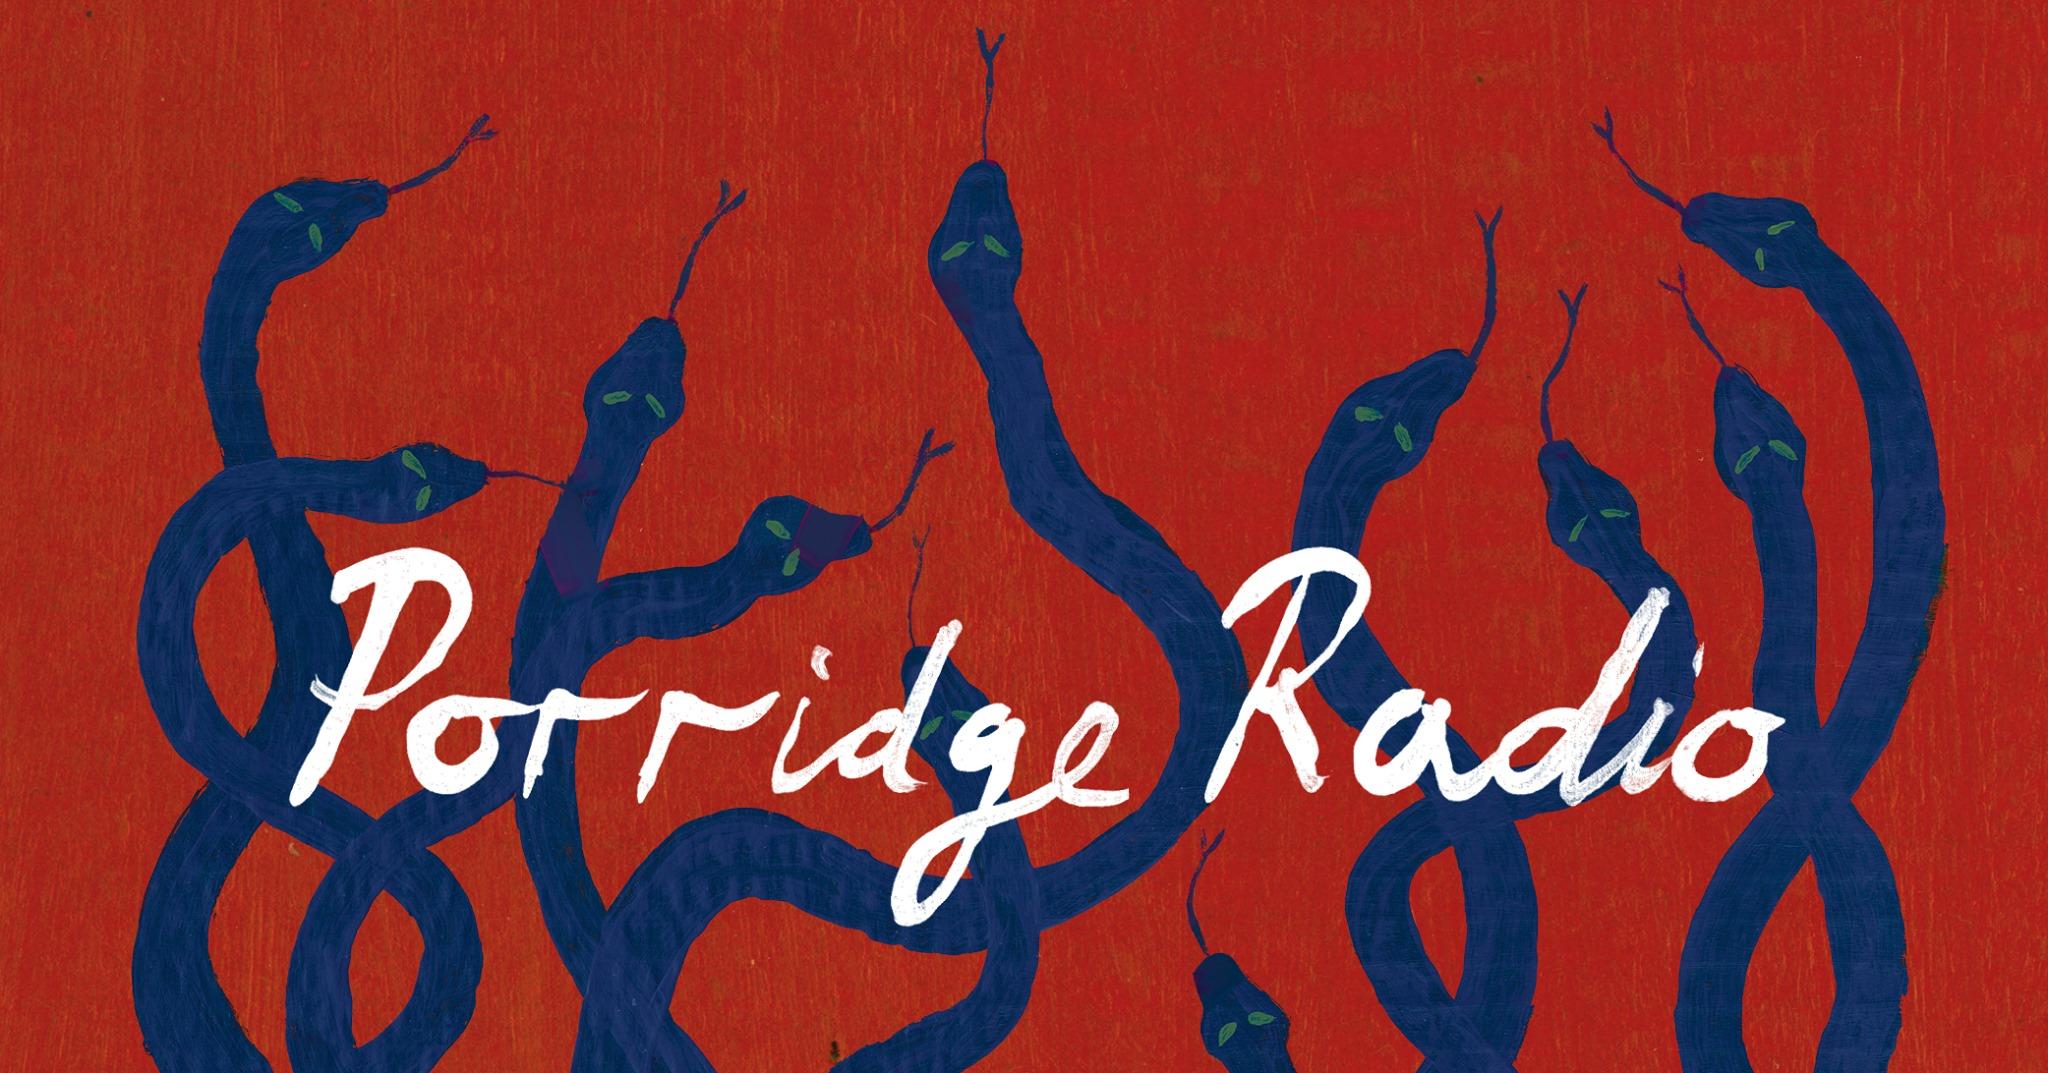 Porridge Radio am 29. March 2021 @ Chelsea.